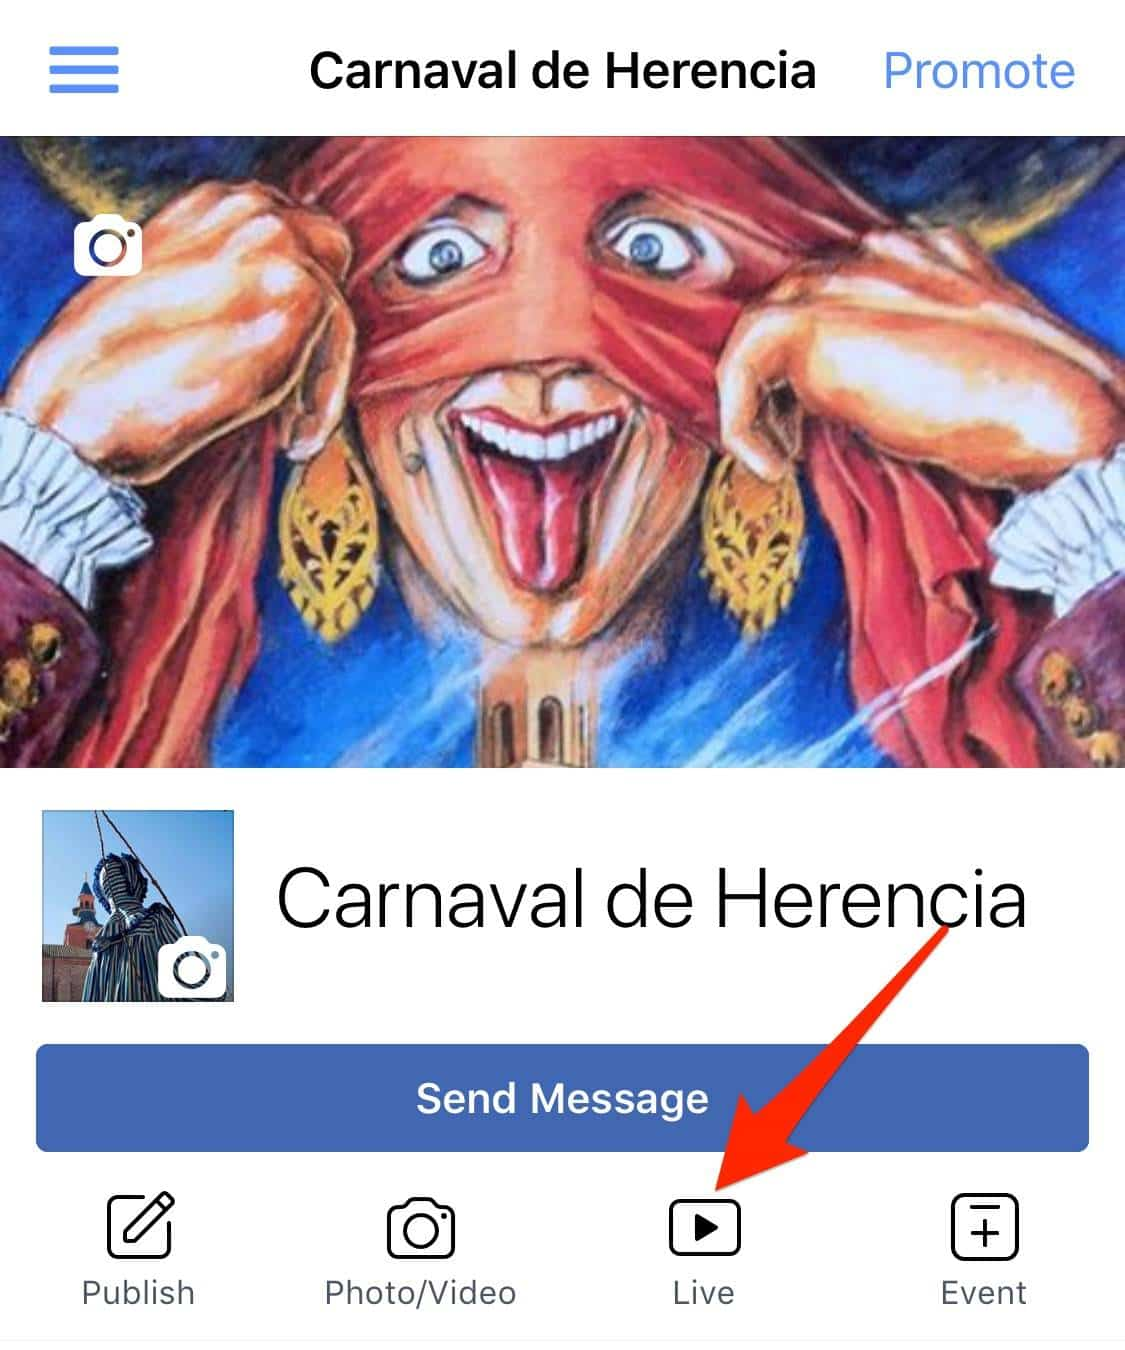 facebook live carnaval de herencia - Inauguración del Carnaval de Herencia 2018 en directo